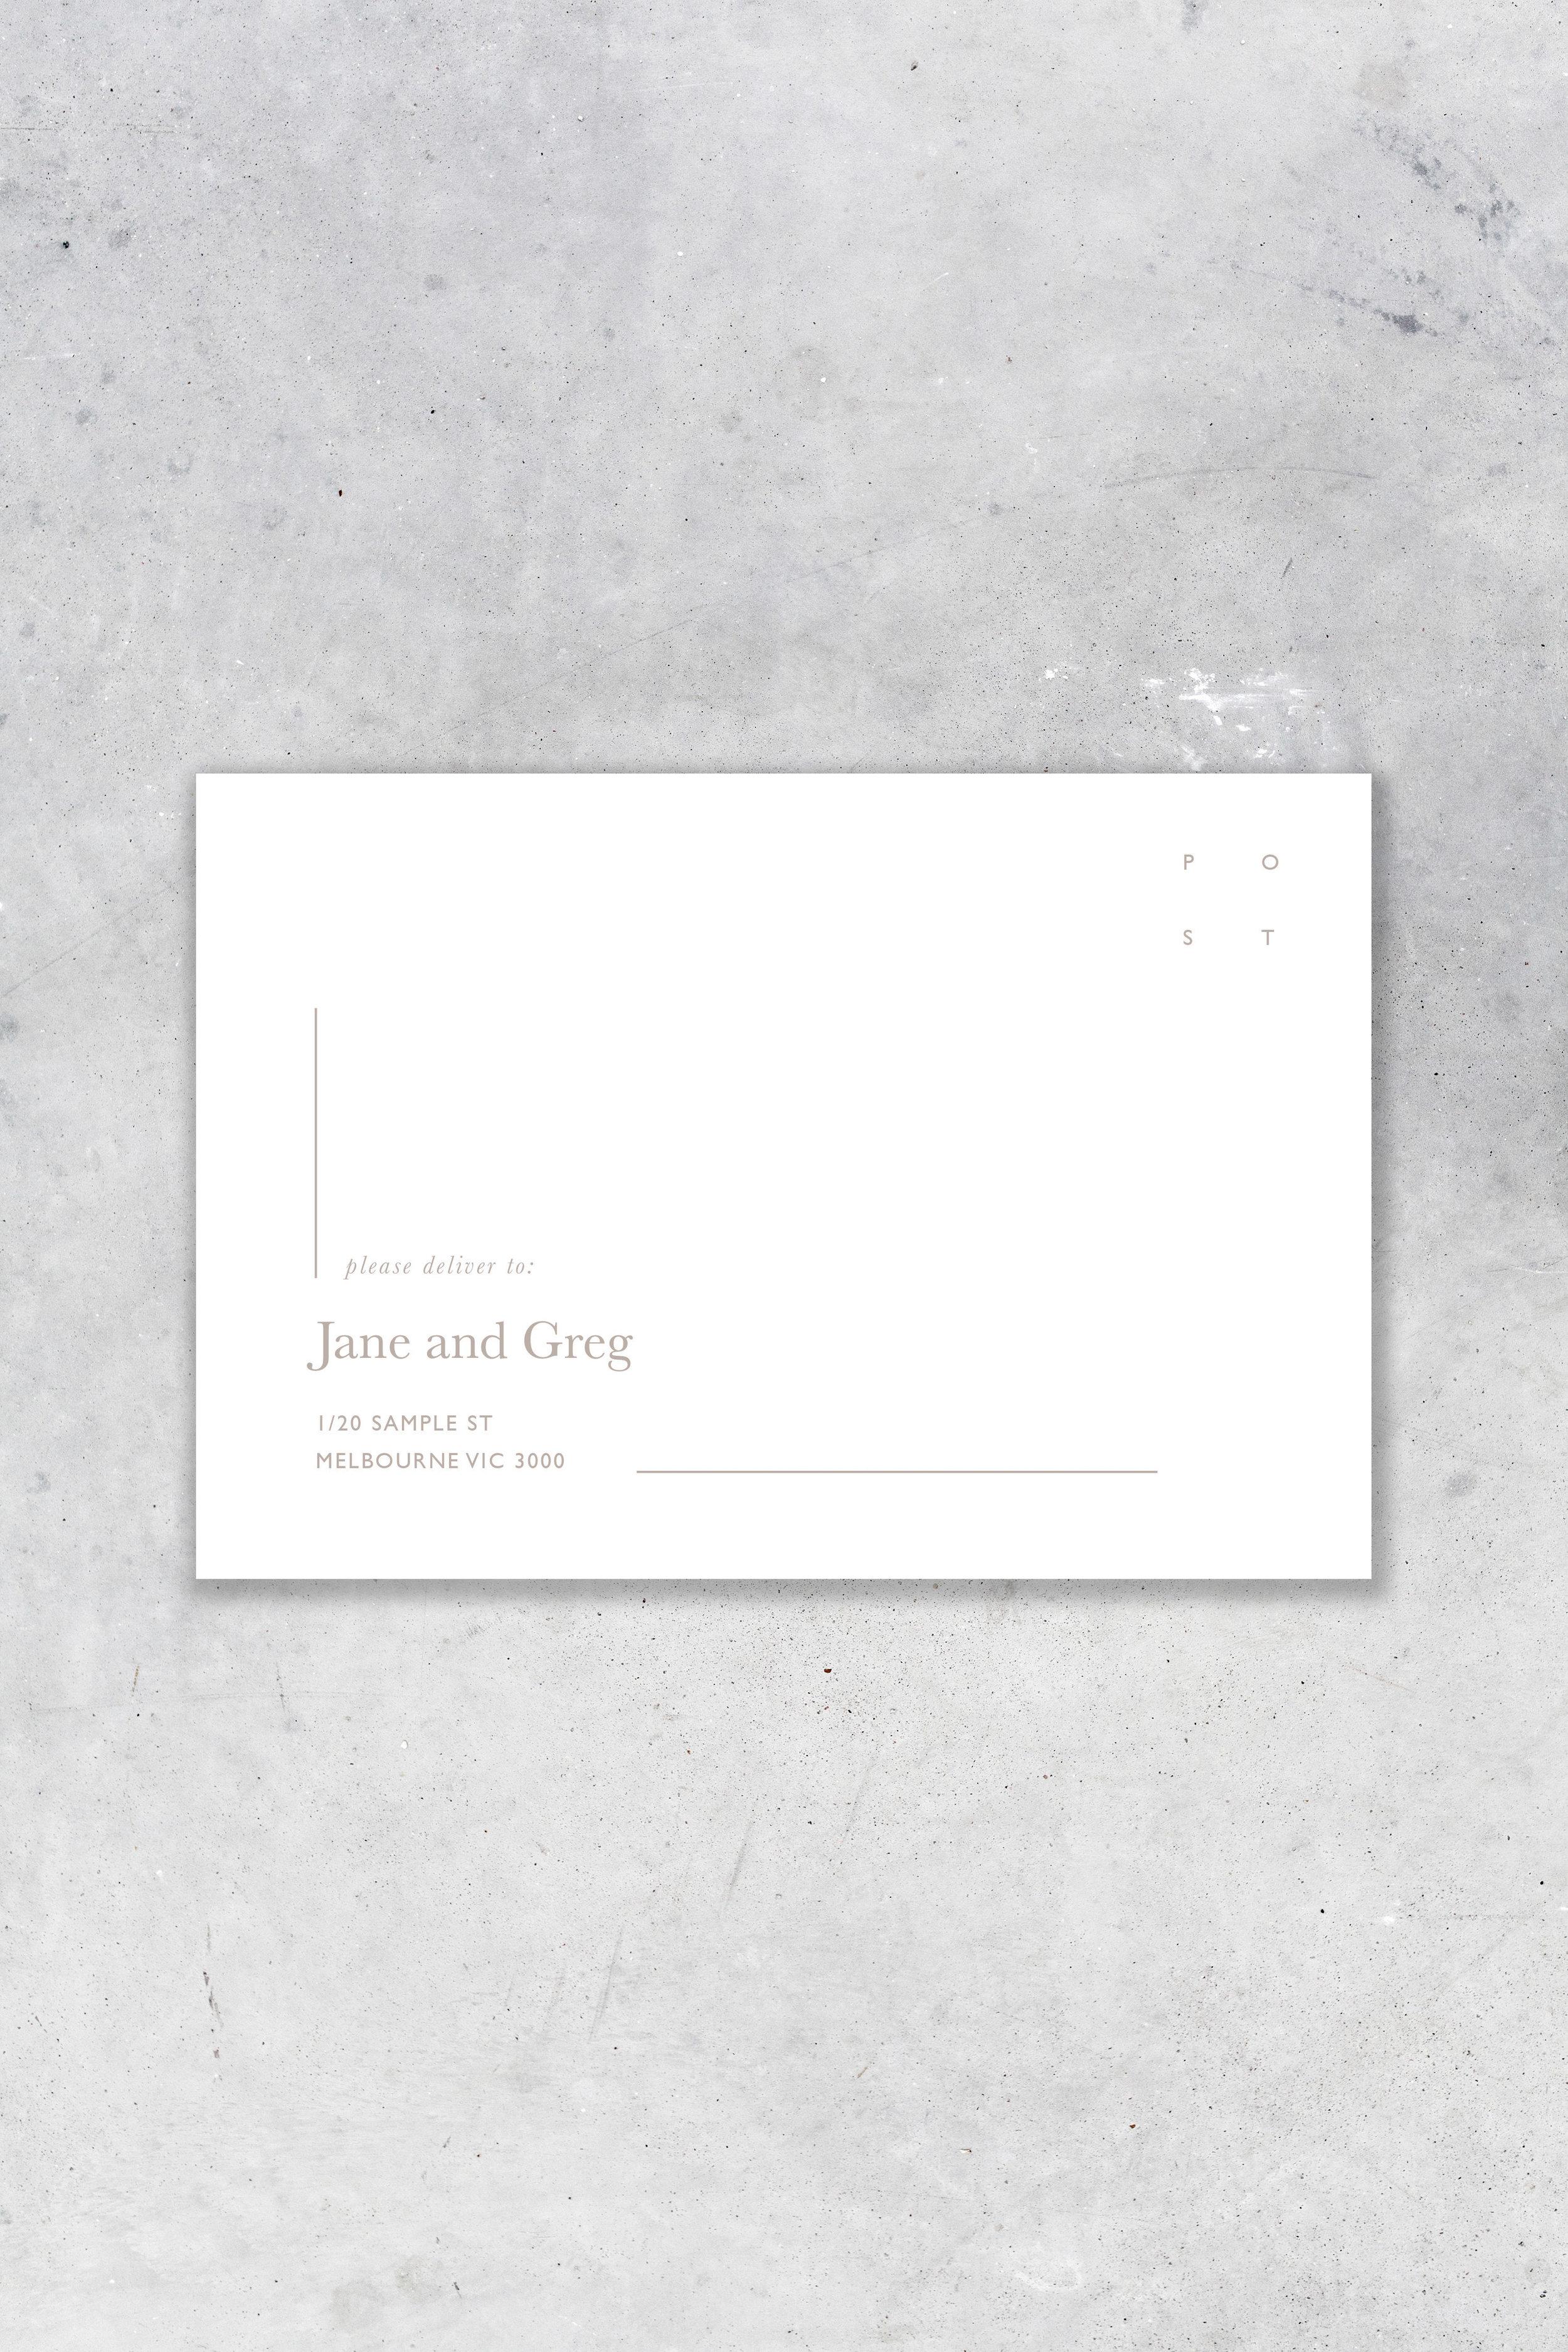 Envelope - Front